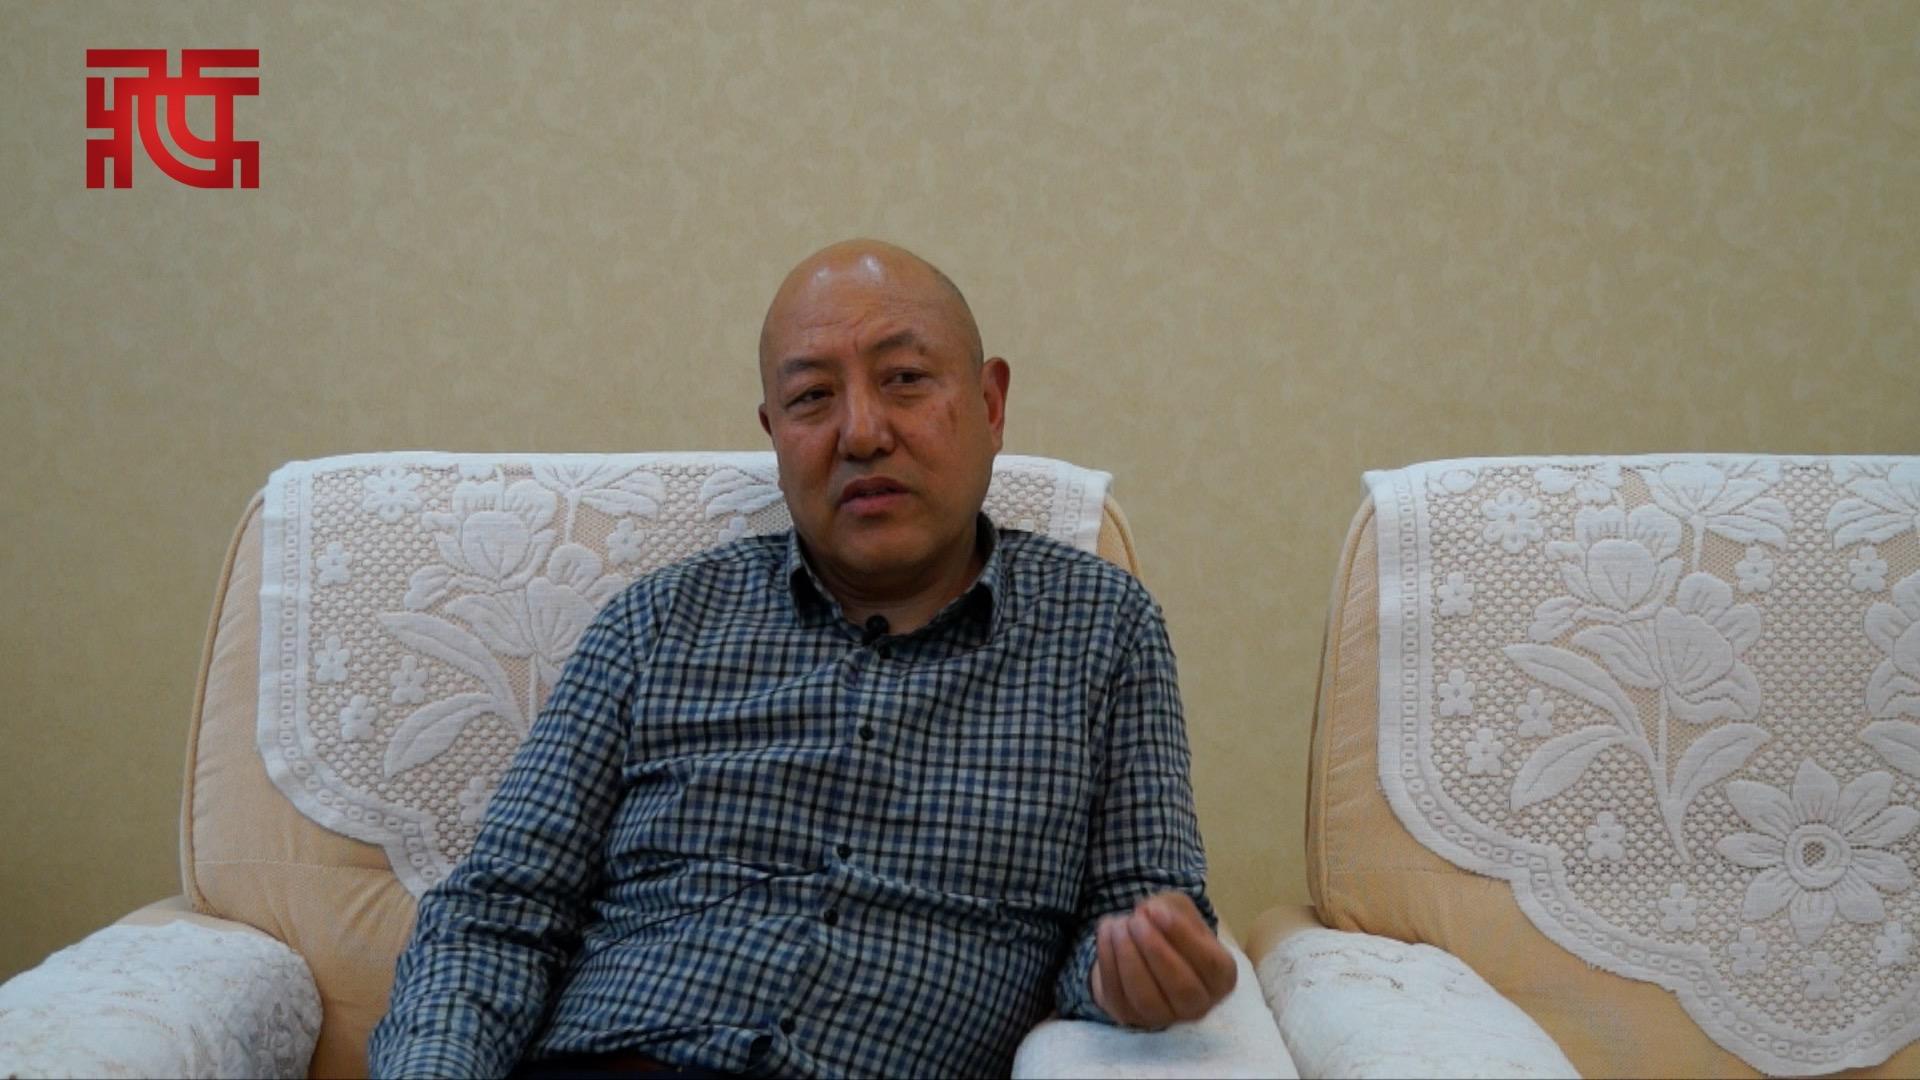 尕藏加:利用藏传佛教中的积极因素  为社会主义社会服务